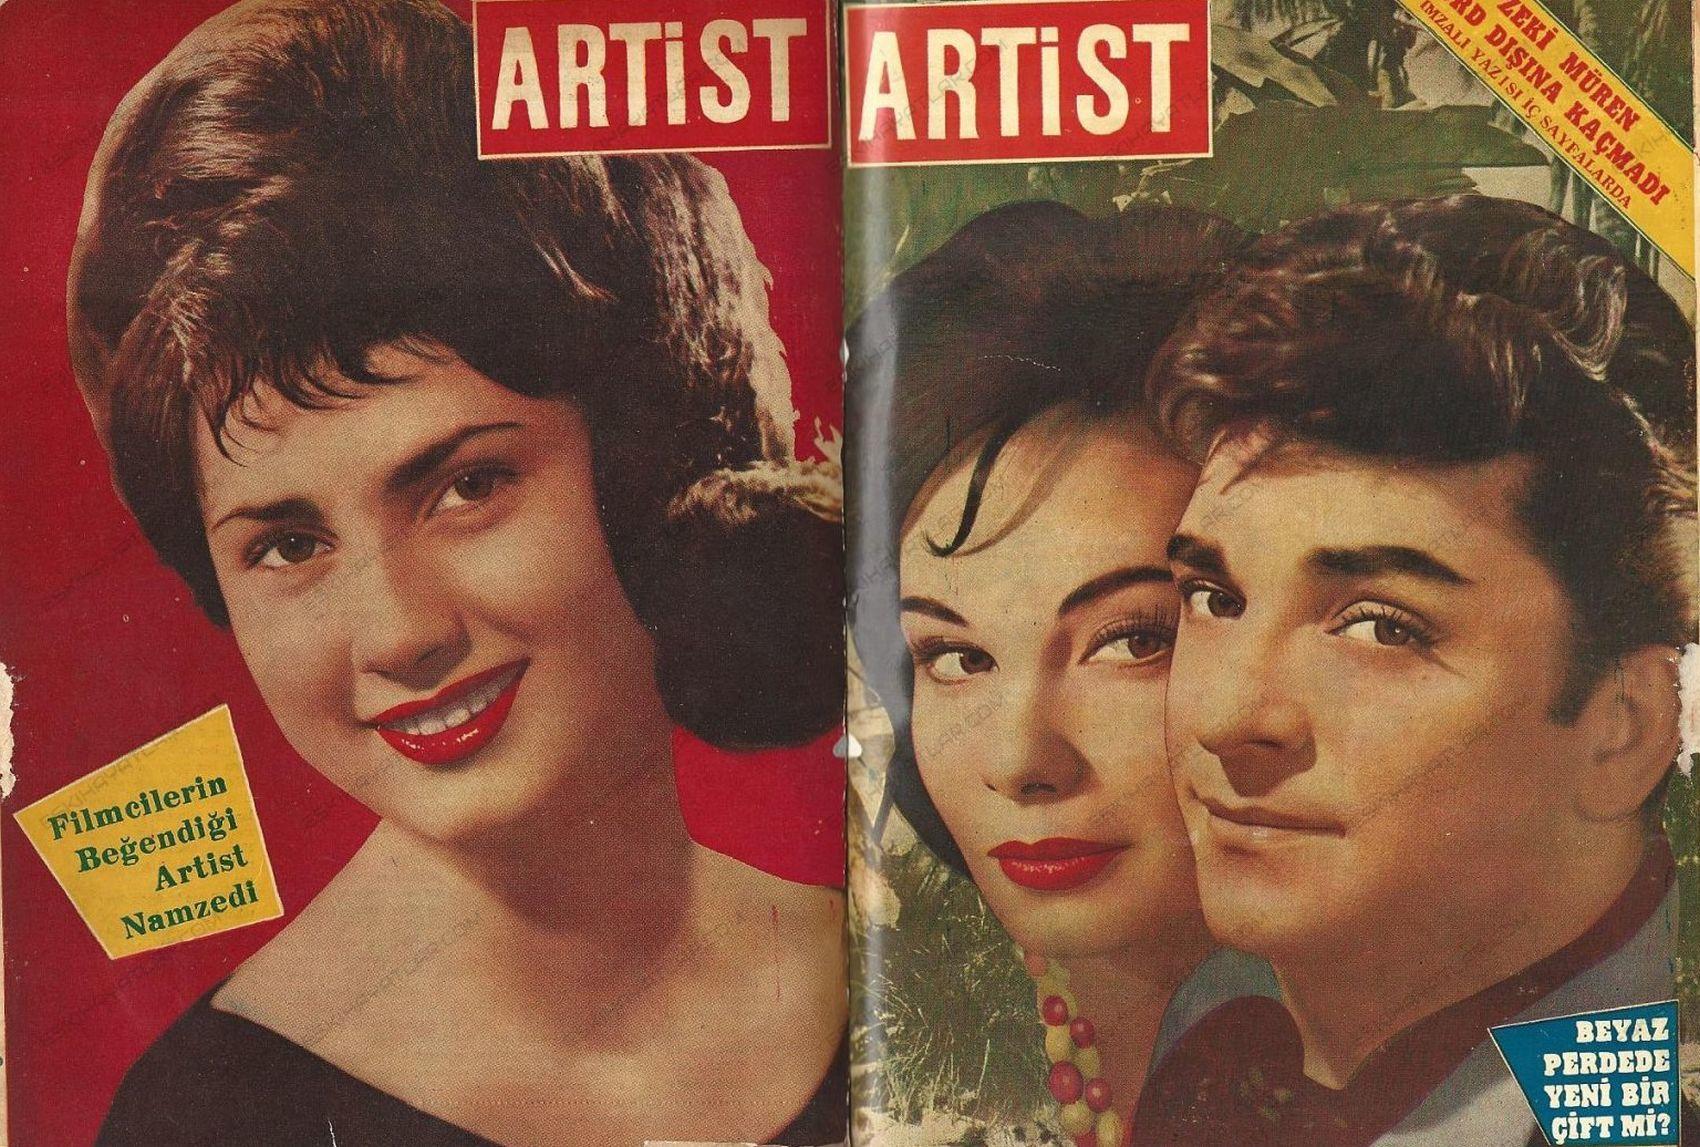 0356-zeki-muren-roportaji-1962-artist-dergisi (7)